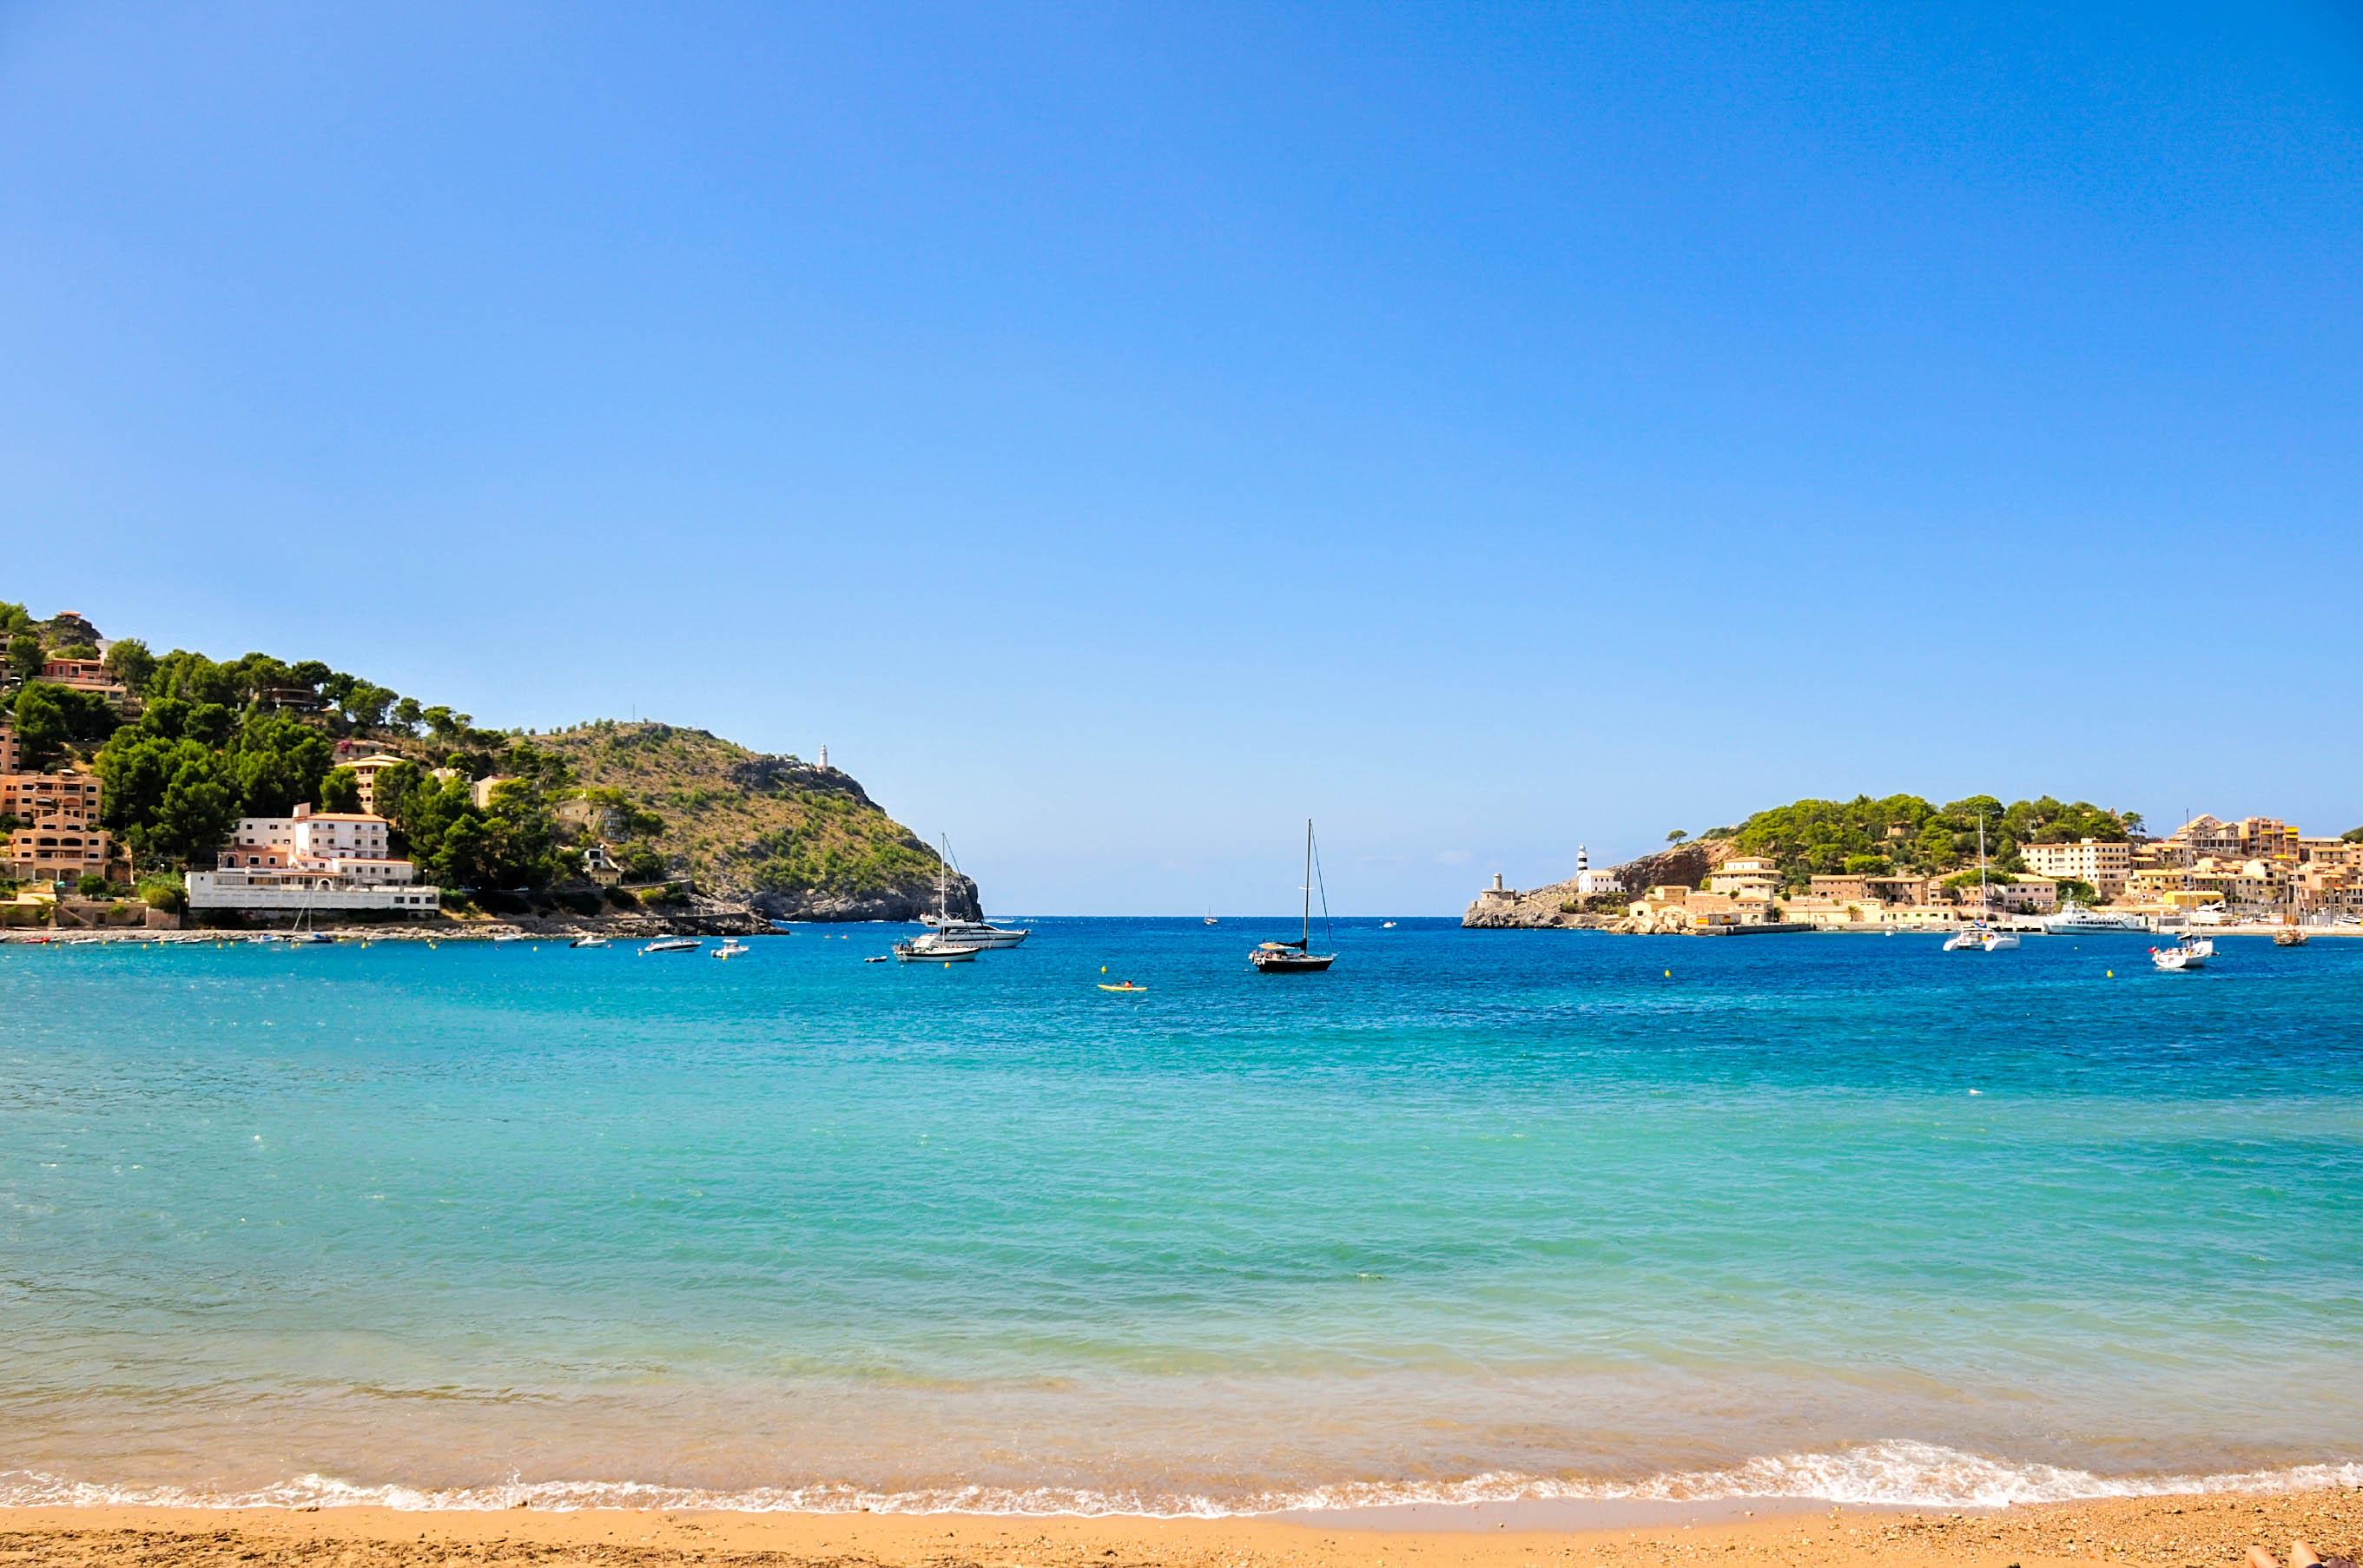 Wochenende Mallorca Flug Und Hotel